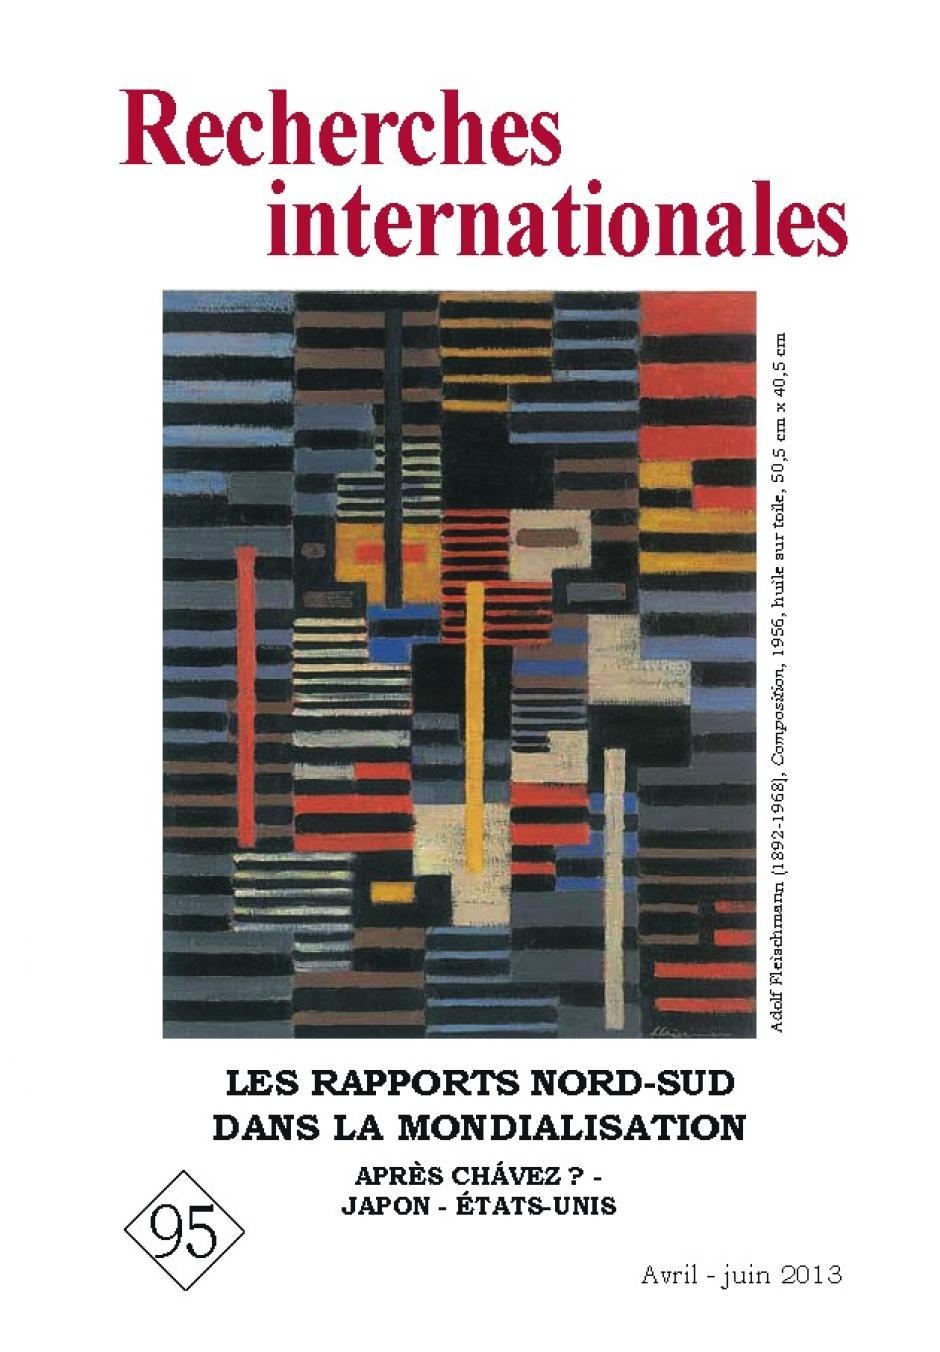 « Les rapports Nord-Sud dans la mondialisation »